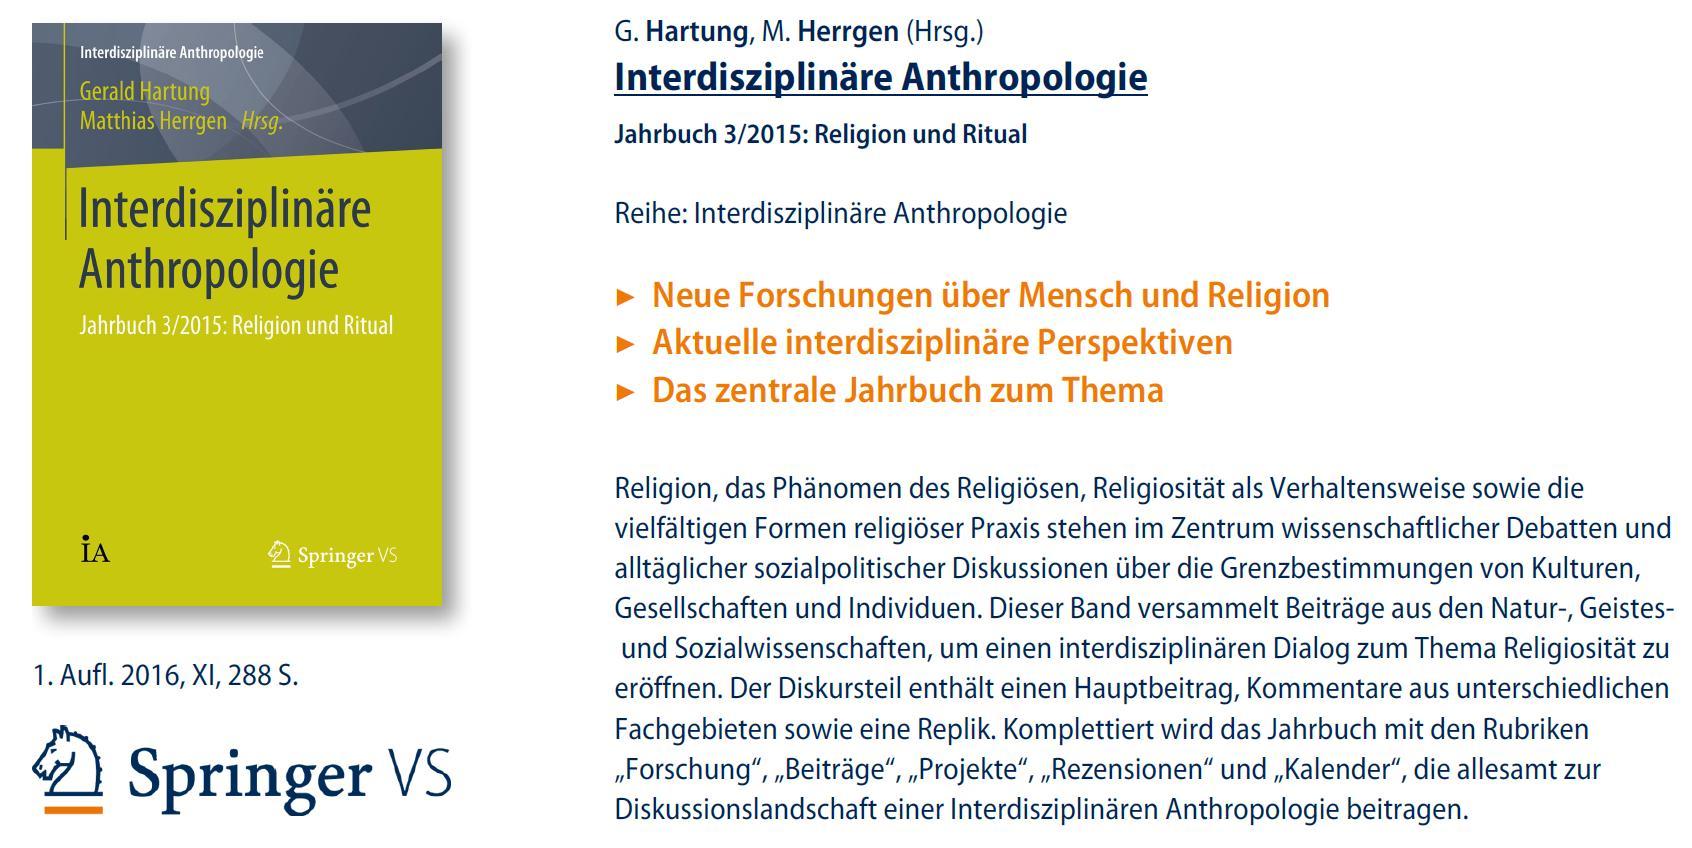 InterdiplAnthropologieJahrbuchReligion2015